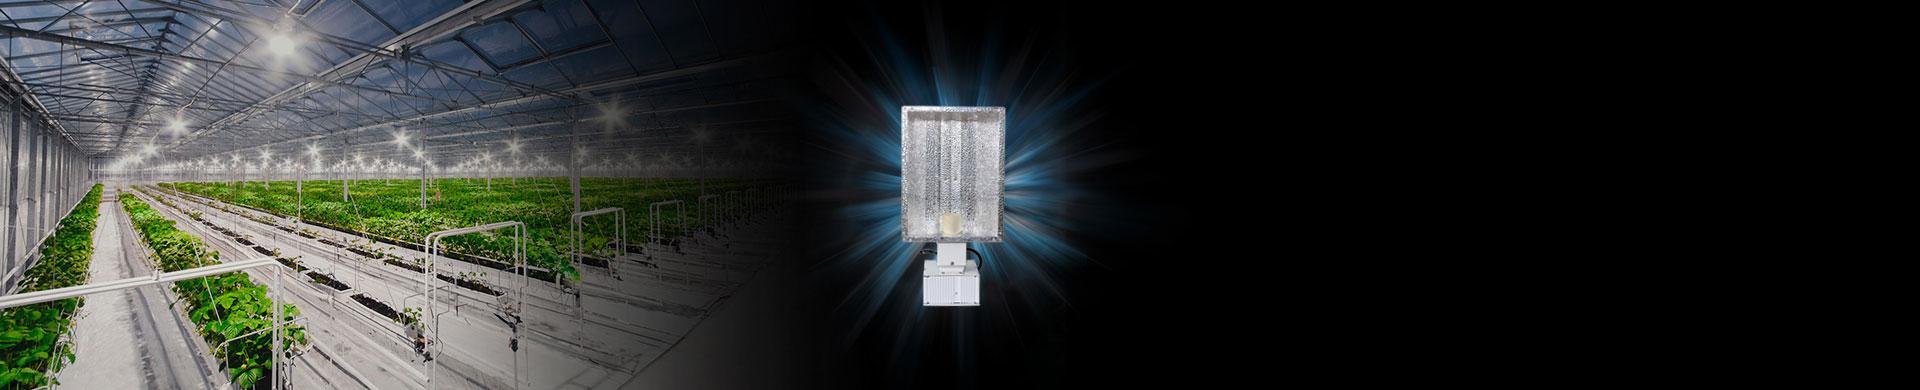 陶瓷金属卤化物灯电弧管